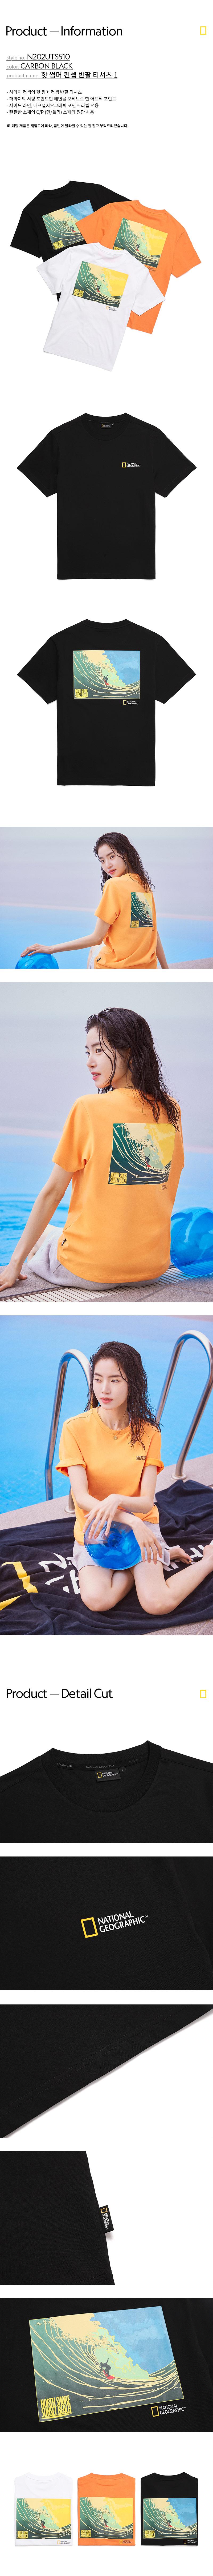 내셔널지오그래픽(NATIONALGEOGRAPHIC) 내셔널지오그래픽 N202UTS510 핫 썸머 컨셉 티셔츠 1 CARBON BLACK